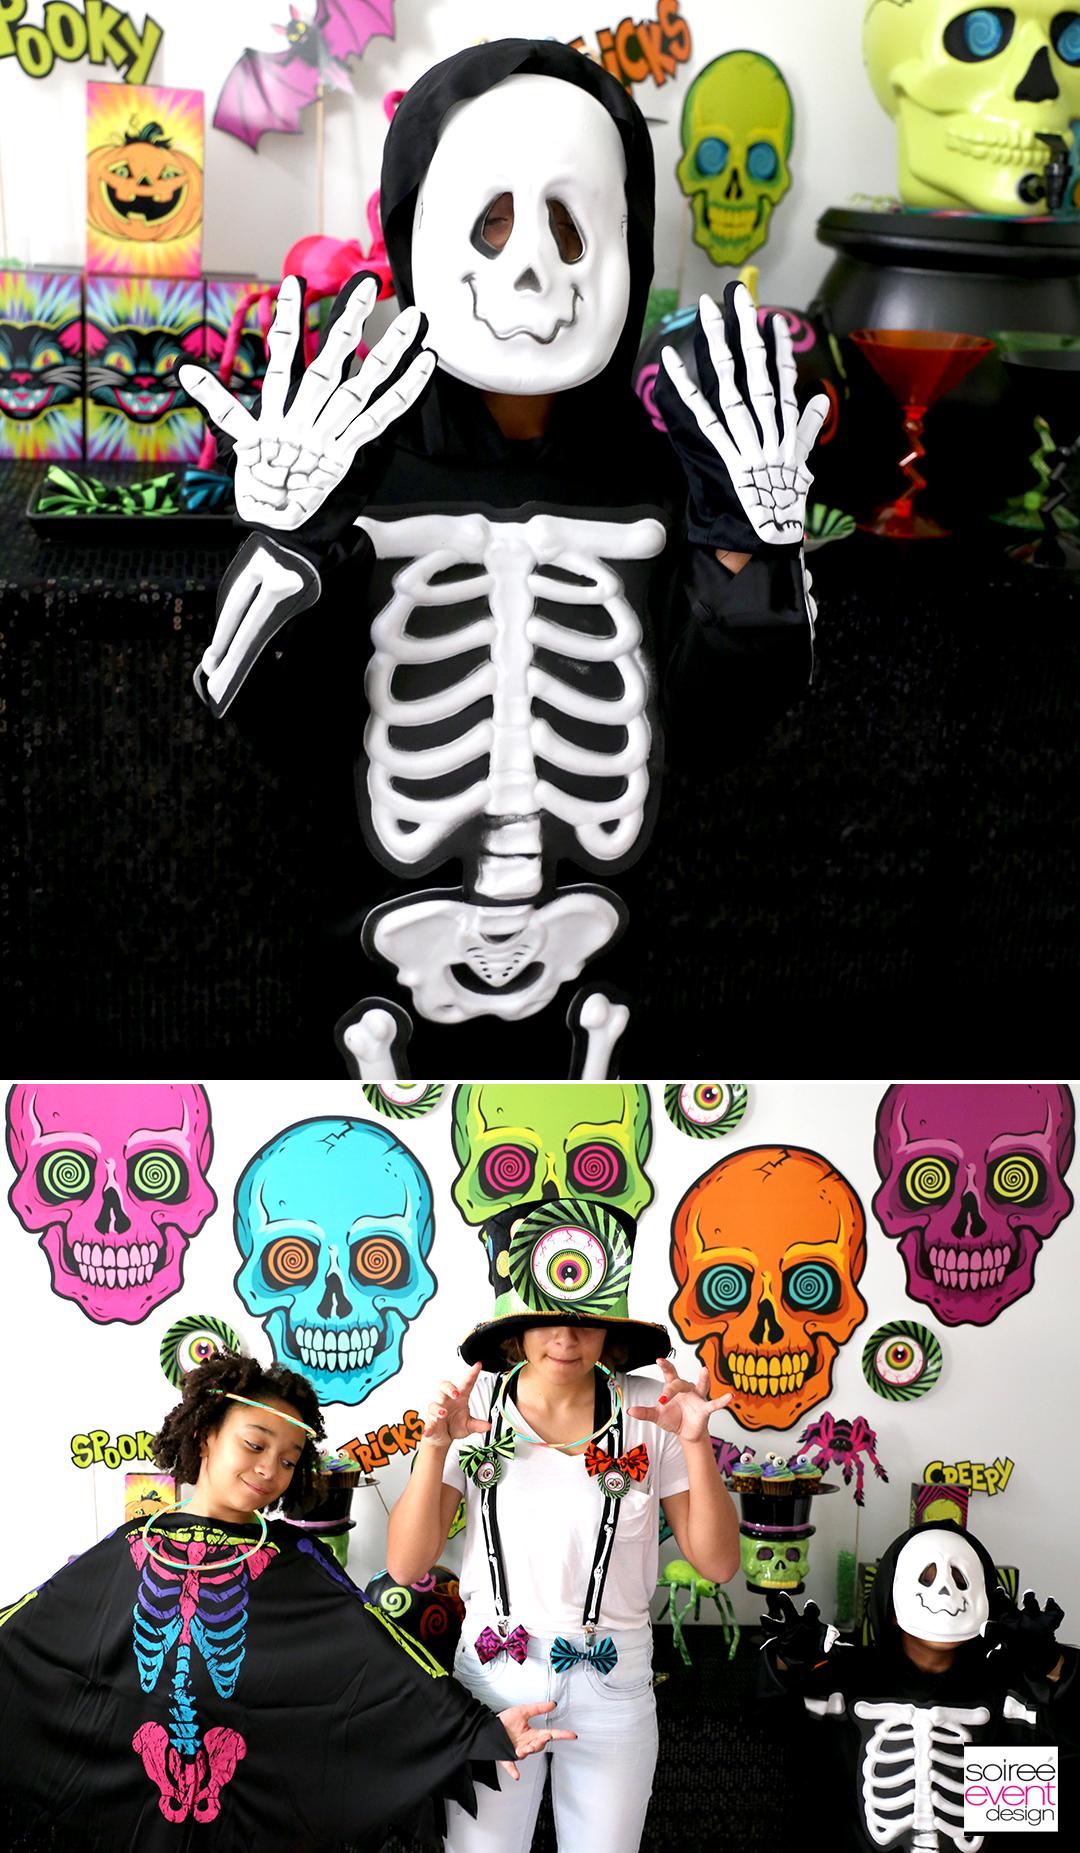 Spookadelic Halloween Party Ideas - Costumes